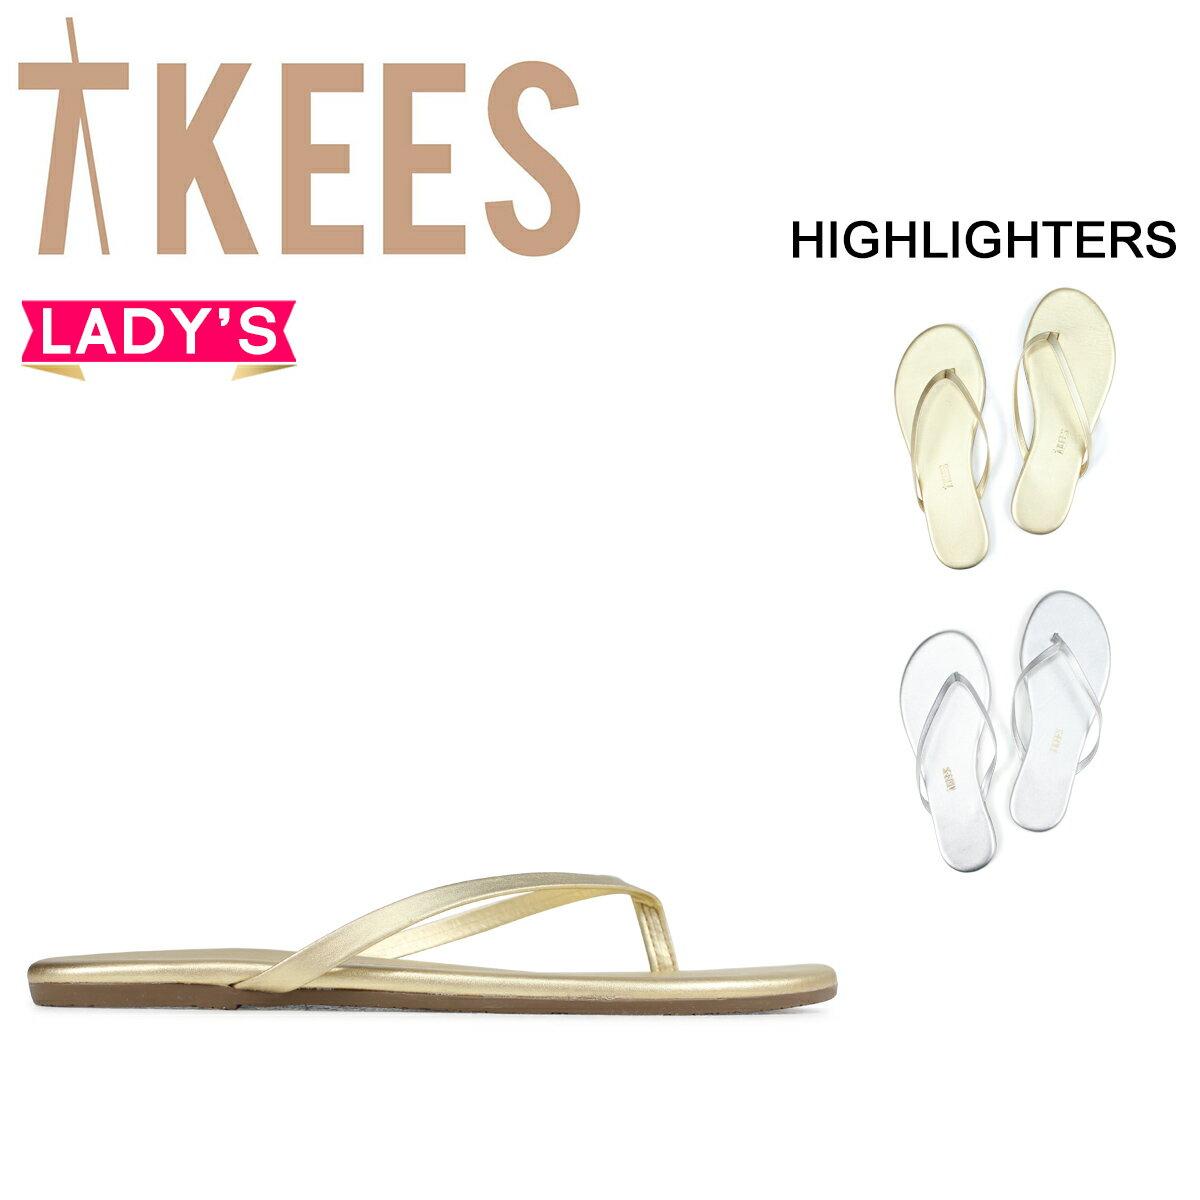 【最大1000円OFFクーポン配布】 Tkees ティキーズ サンダル ビーチサンダル レディース HIGHLIGHTERS レザー ゴールド シルバー